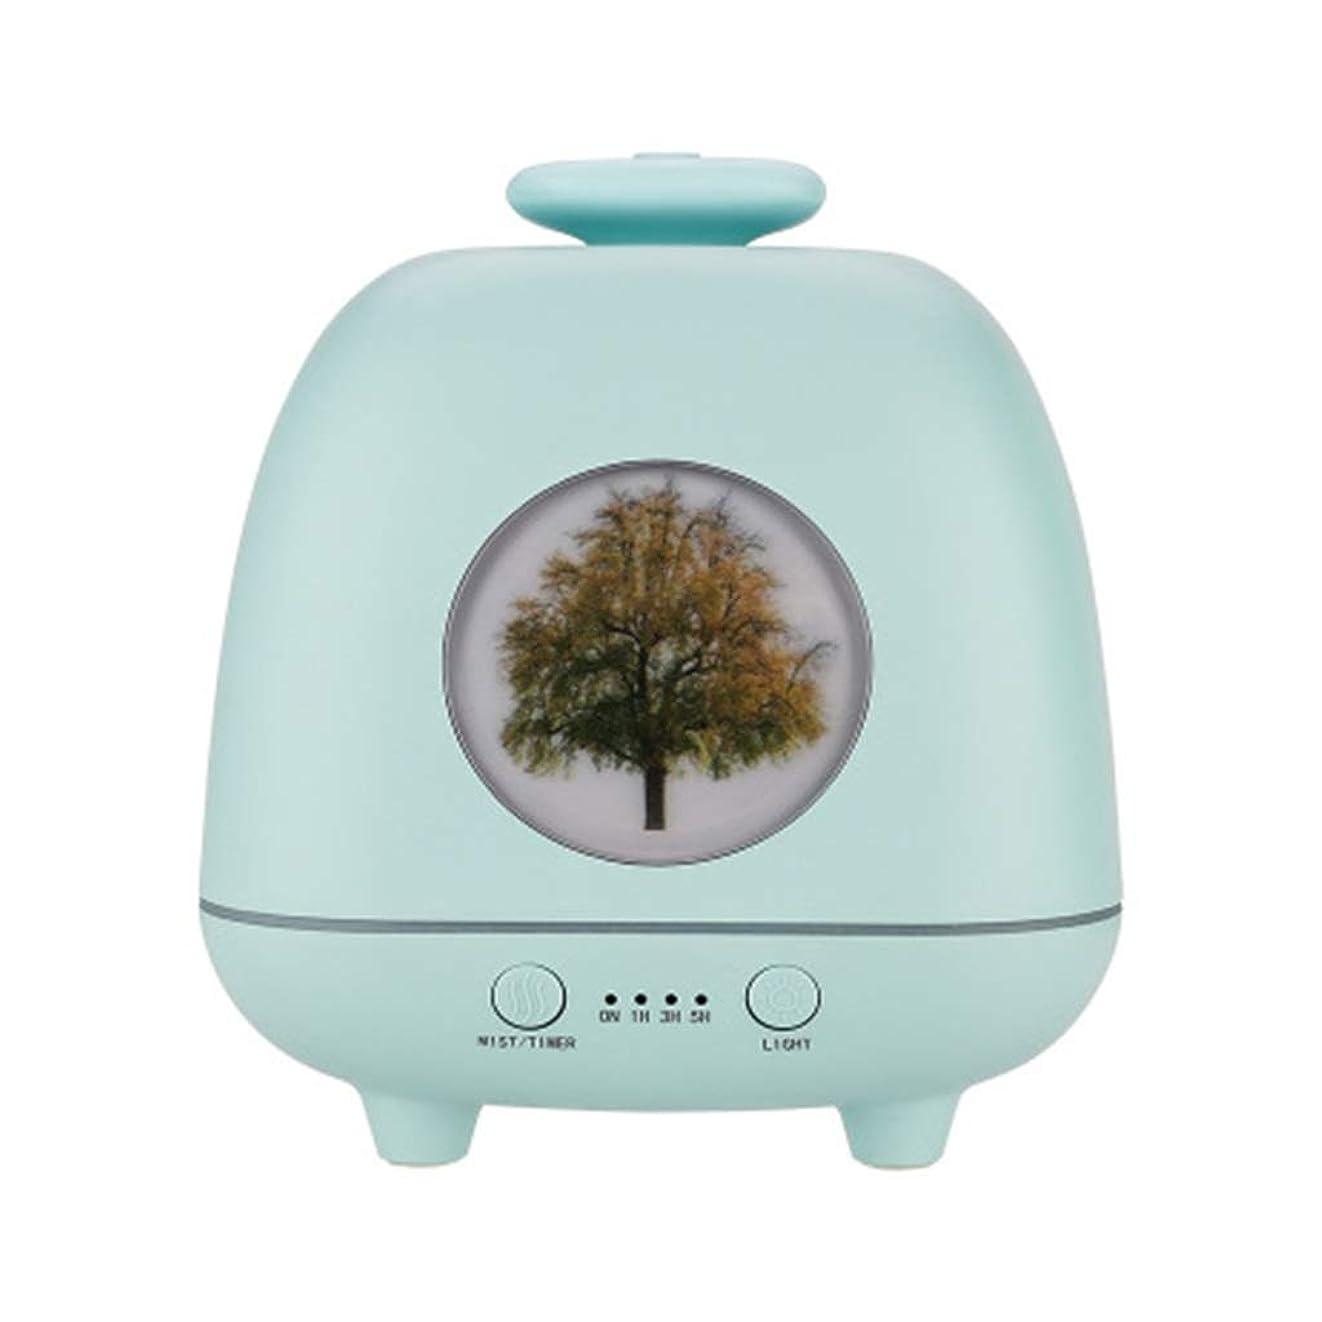 原油政令乏しい超音波ホームデスクトップクリエイティブ雰囲気ナイトライト加湿器寝室の赤ちゃん女性の家の装飾 (Color : Green)